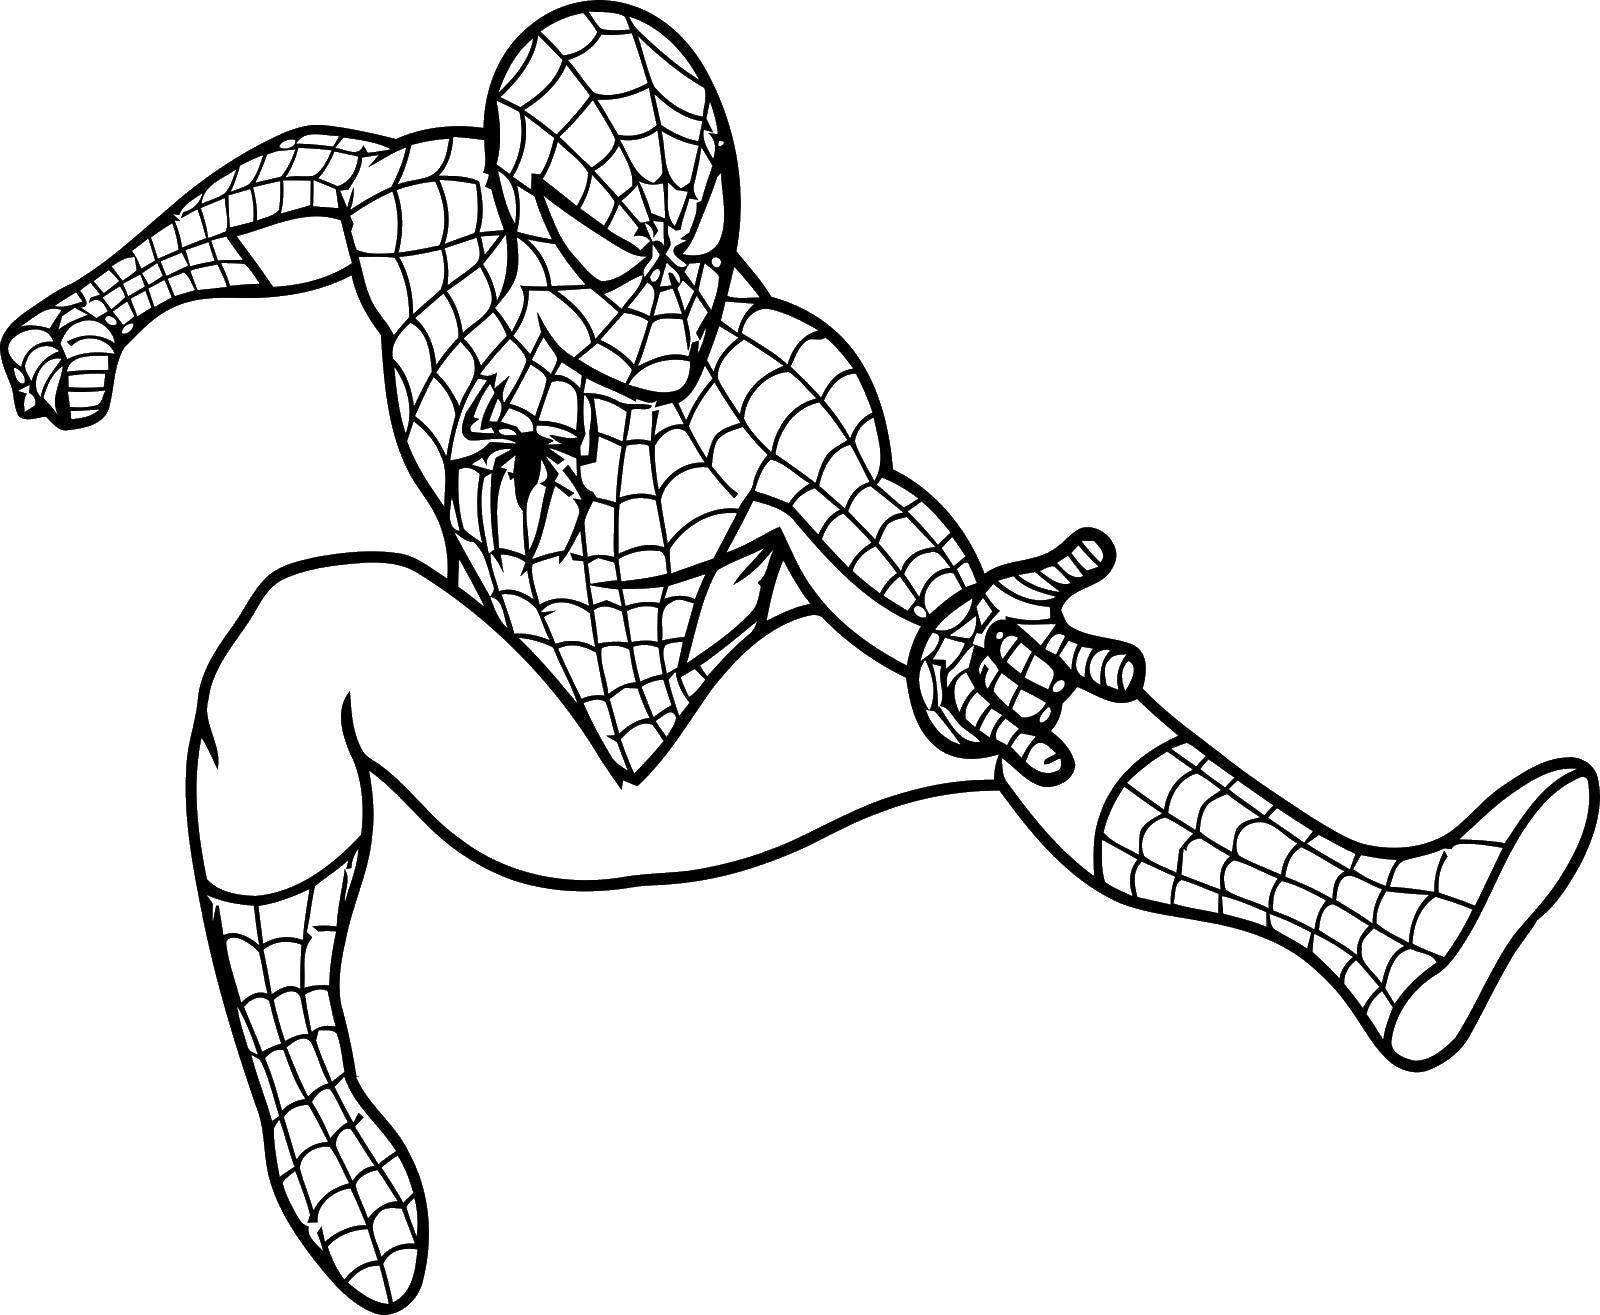 Название: Раскраска Готов к бою. Категория: Комиксы. Теги: Комиксы, Спайдермэн, Человек Паук.